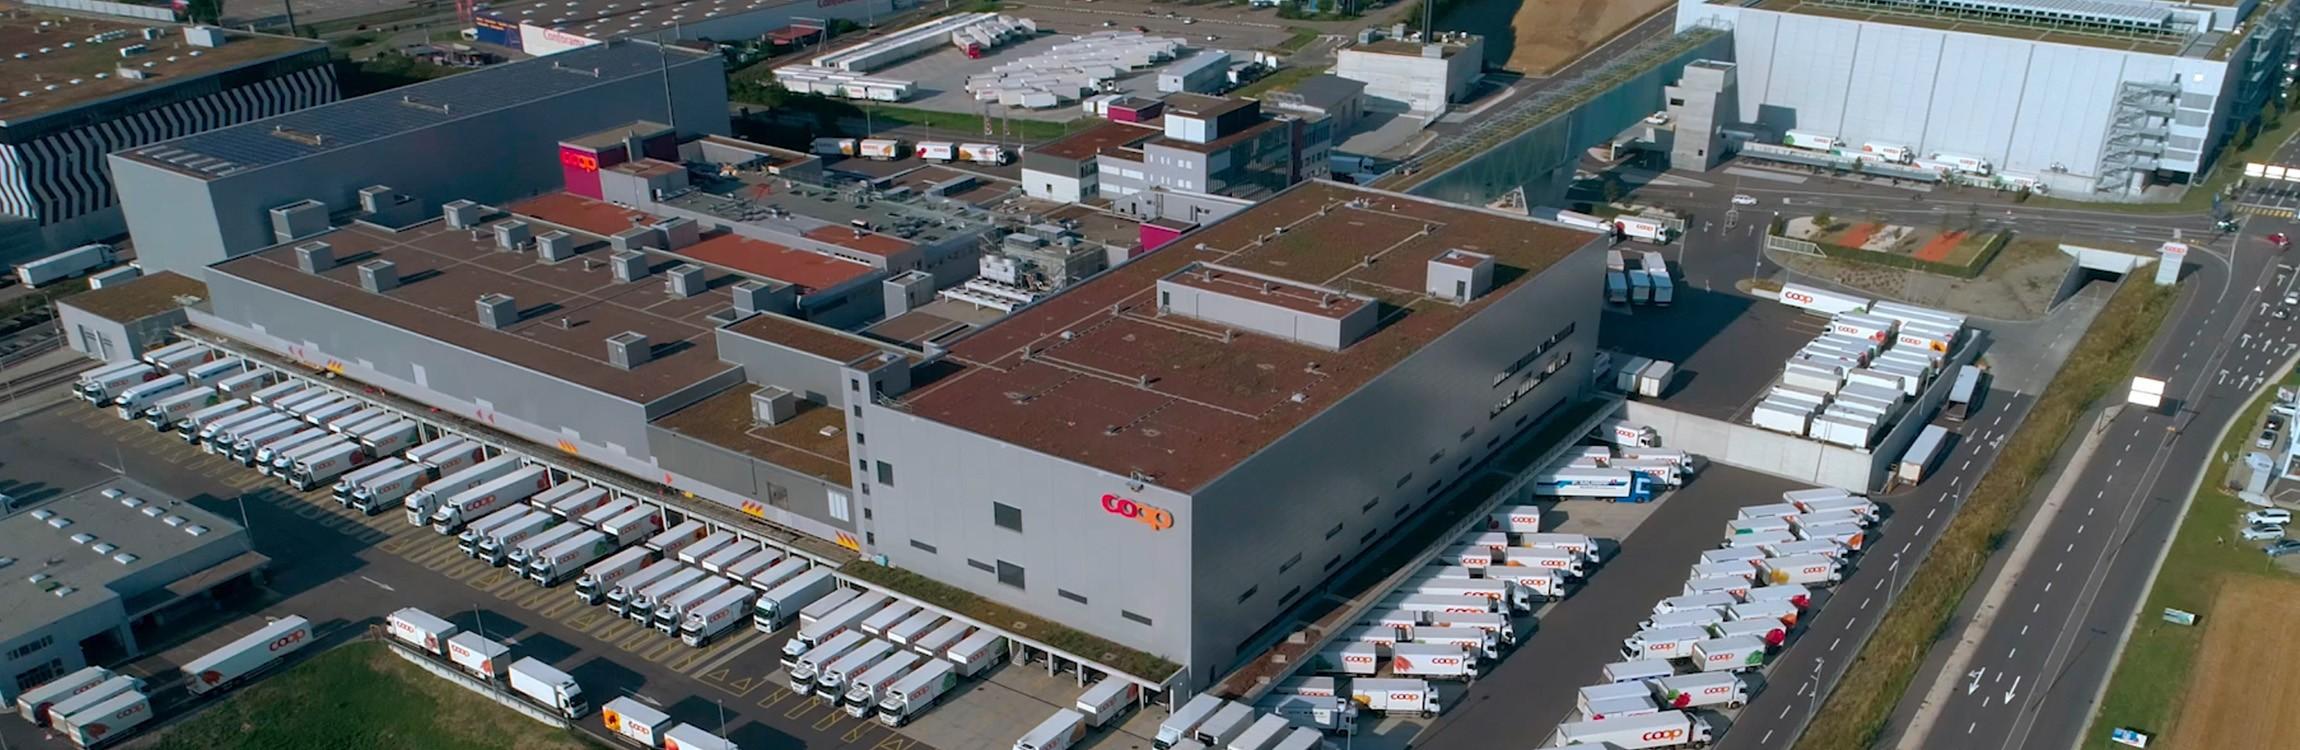 Das Logistikzentrum für gekühlte Ware sowie das vollautomatisierte Tiefkühllager.